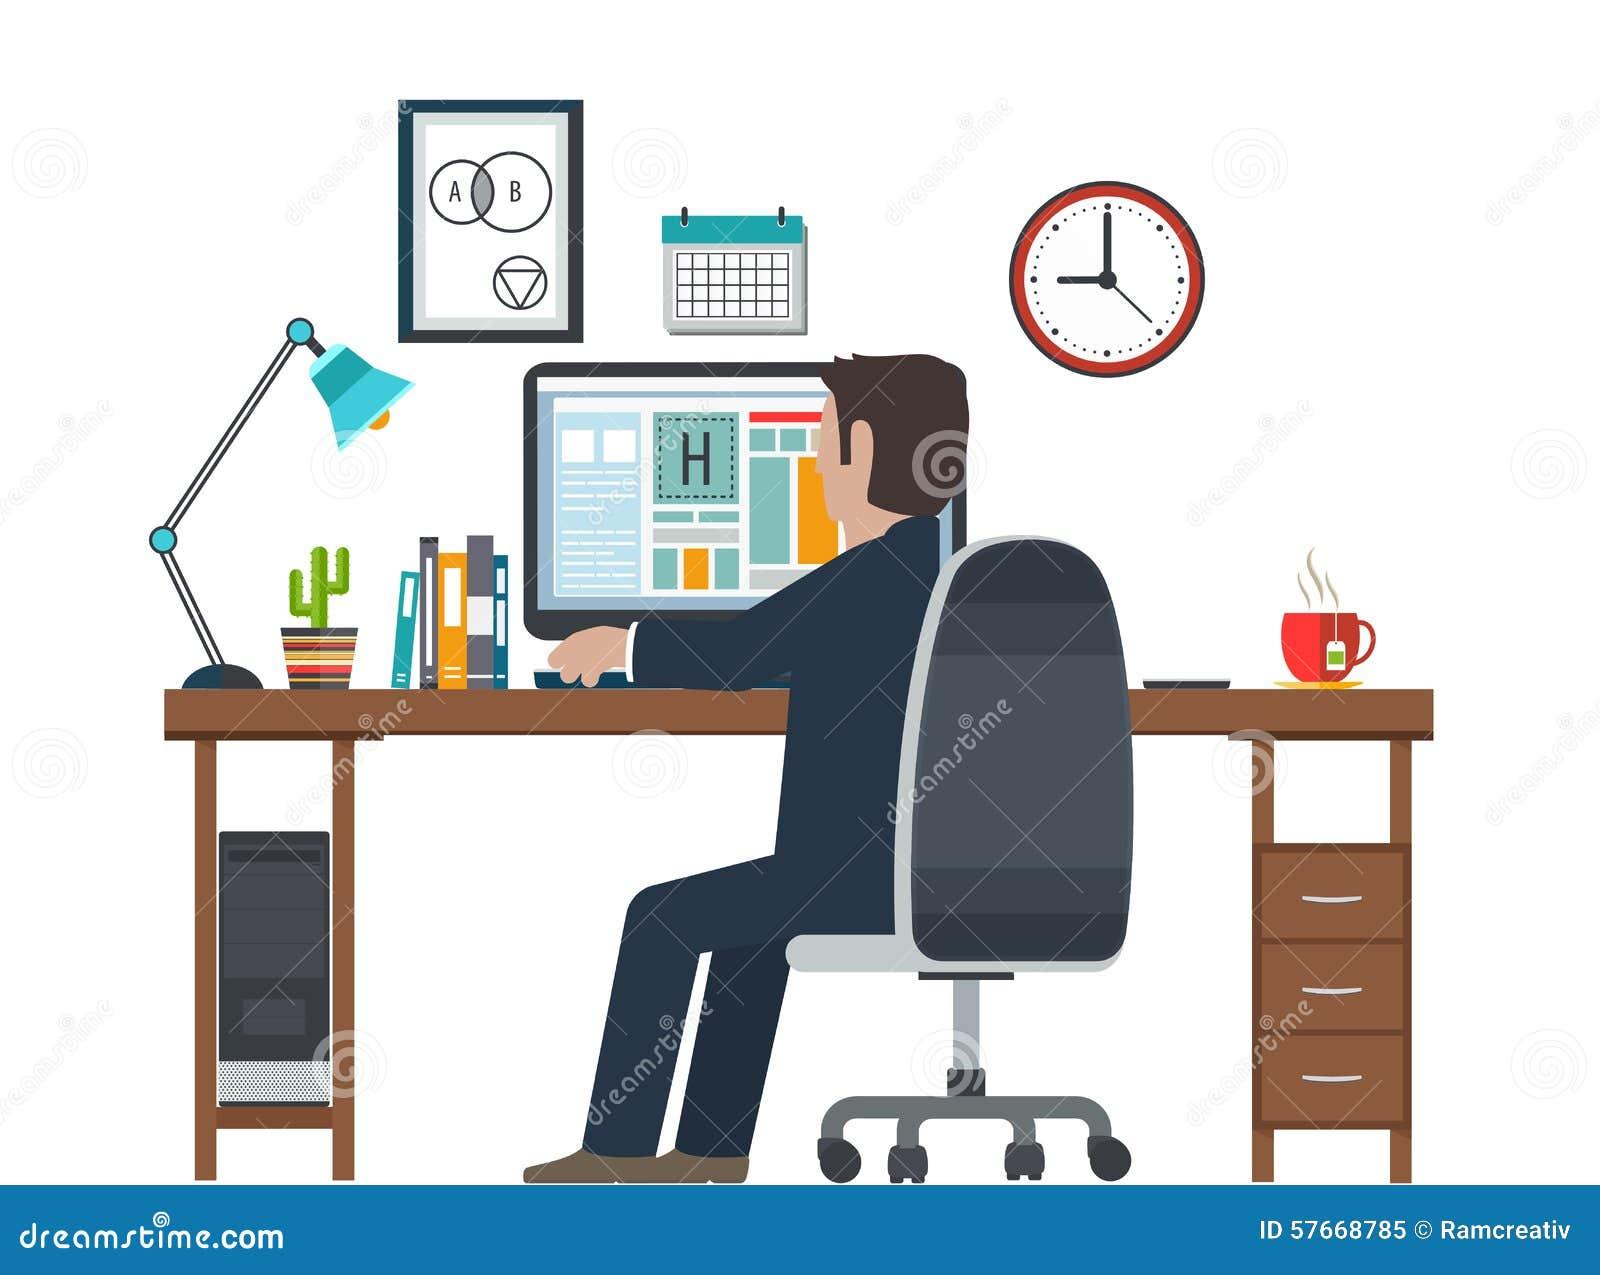 concepteur dans le lieu de travail poste de travail quipement cr atif dans l 39 int rieur de. Black Bedroom Furniture Sets. Home Design Ideas